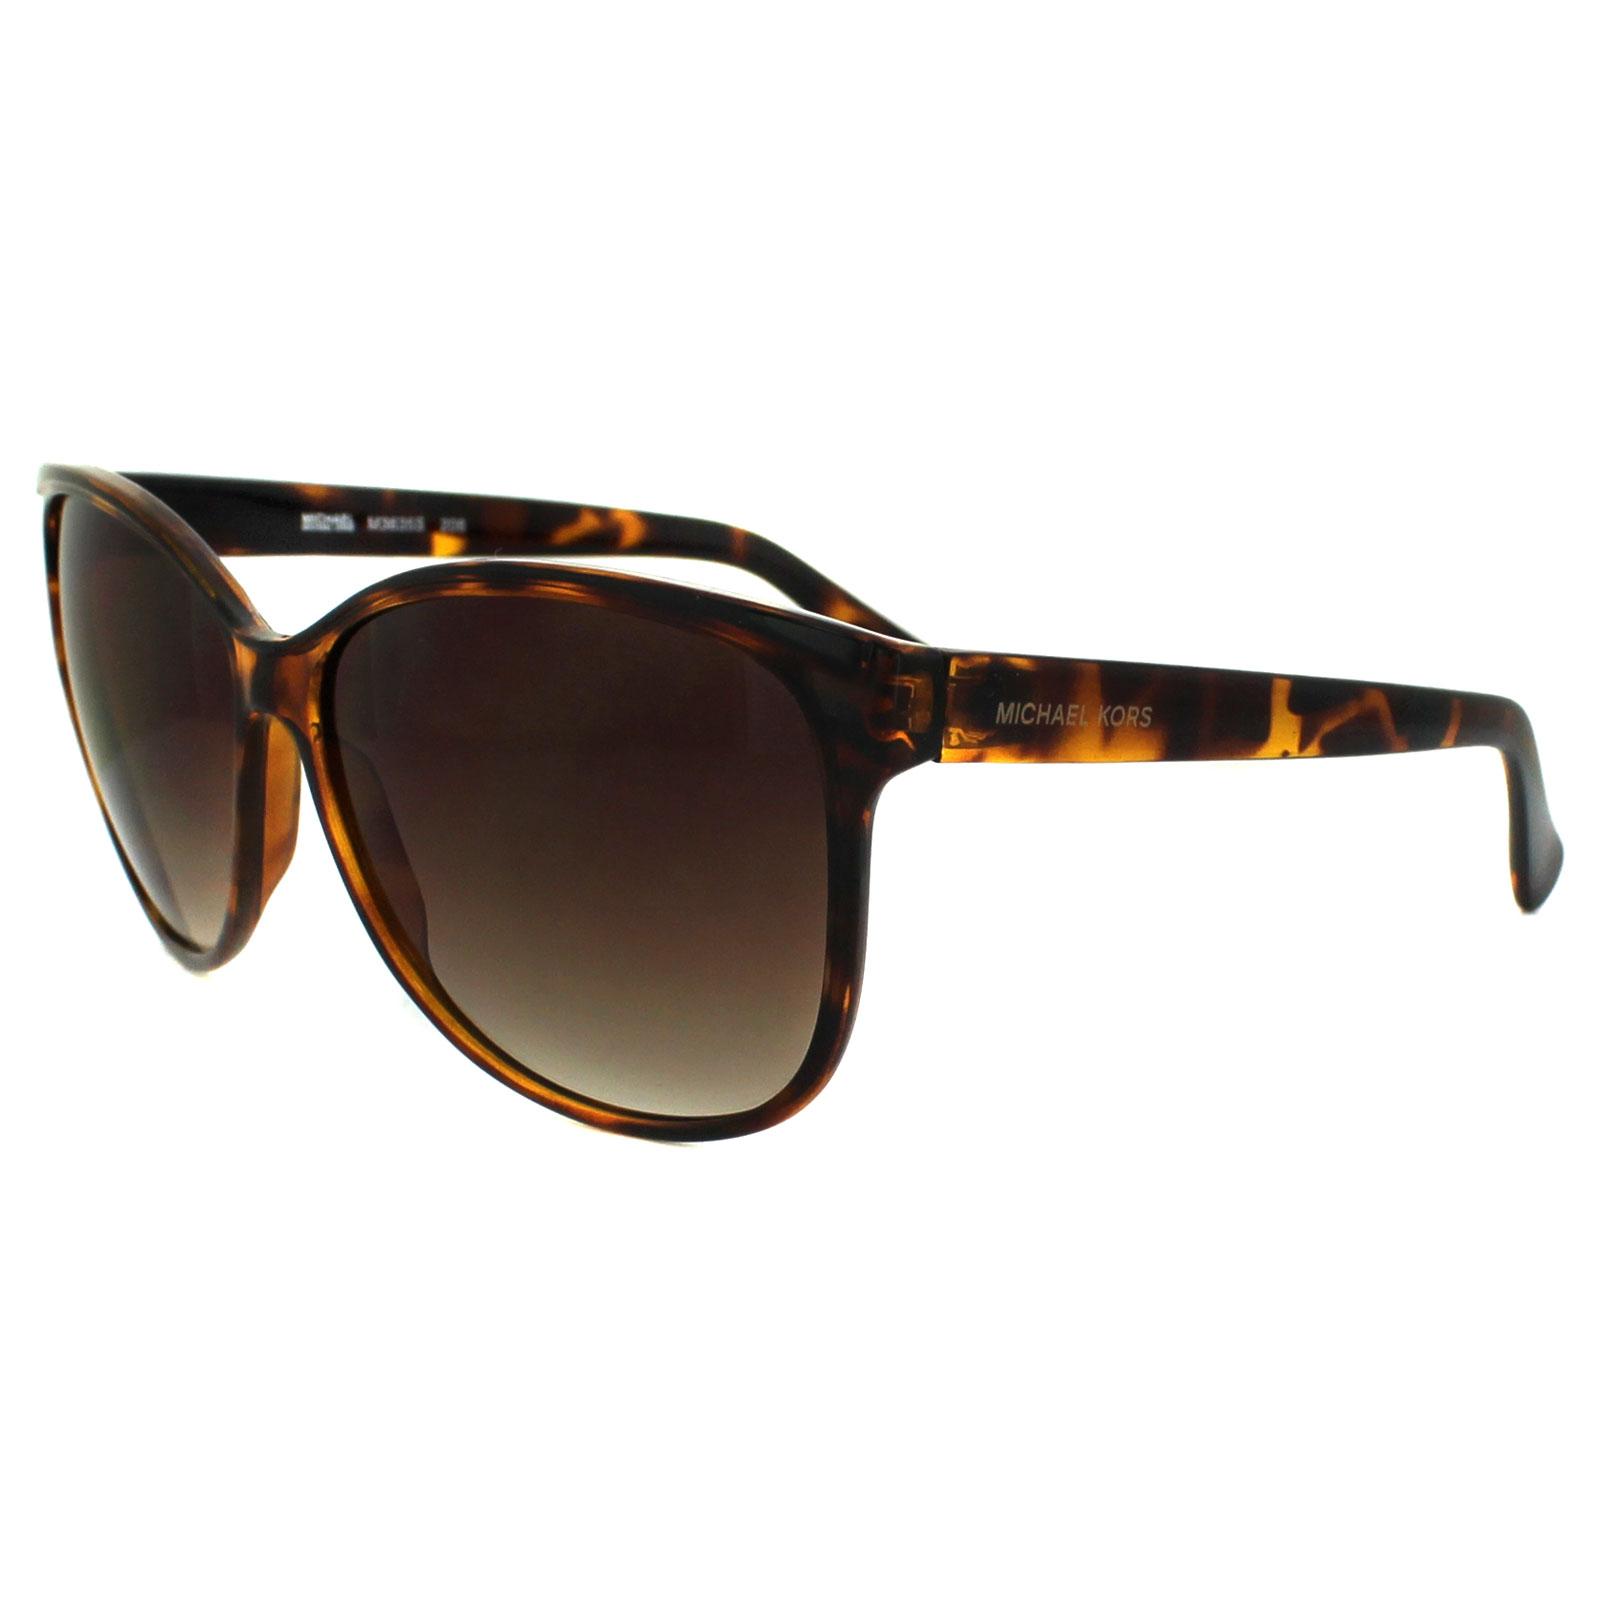 9198df6e8a Michael Kors Sunglasses M3635S 206 Tortoise Brown Gradient Thumbnail 1 ...